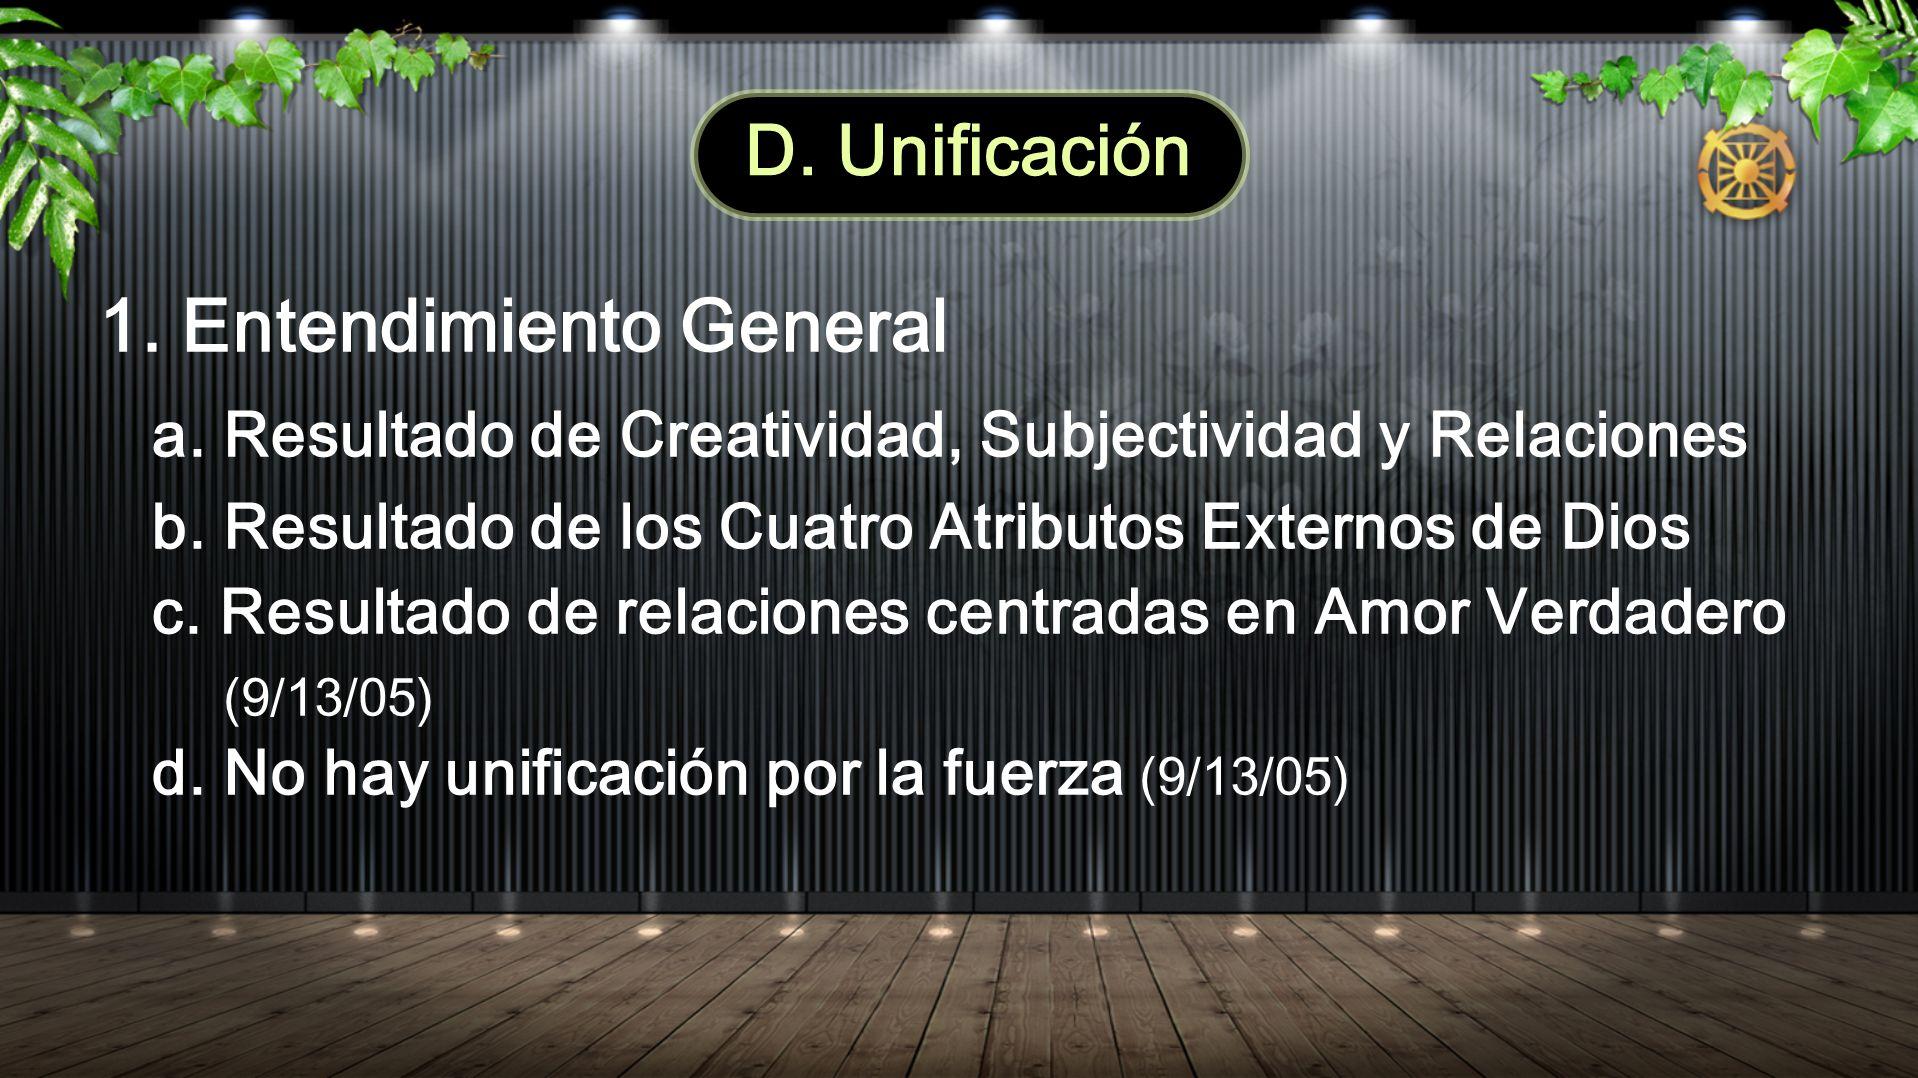 D. Unificación 1. Entendimiento General a. Resultado de Creatividad, Subjectividad y Relaciones b. Resultado de los Cuatro Atributos Externos de Dios